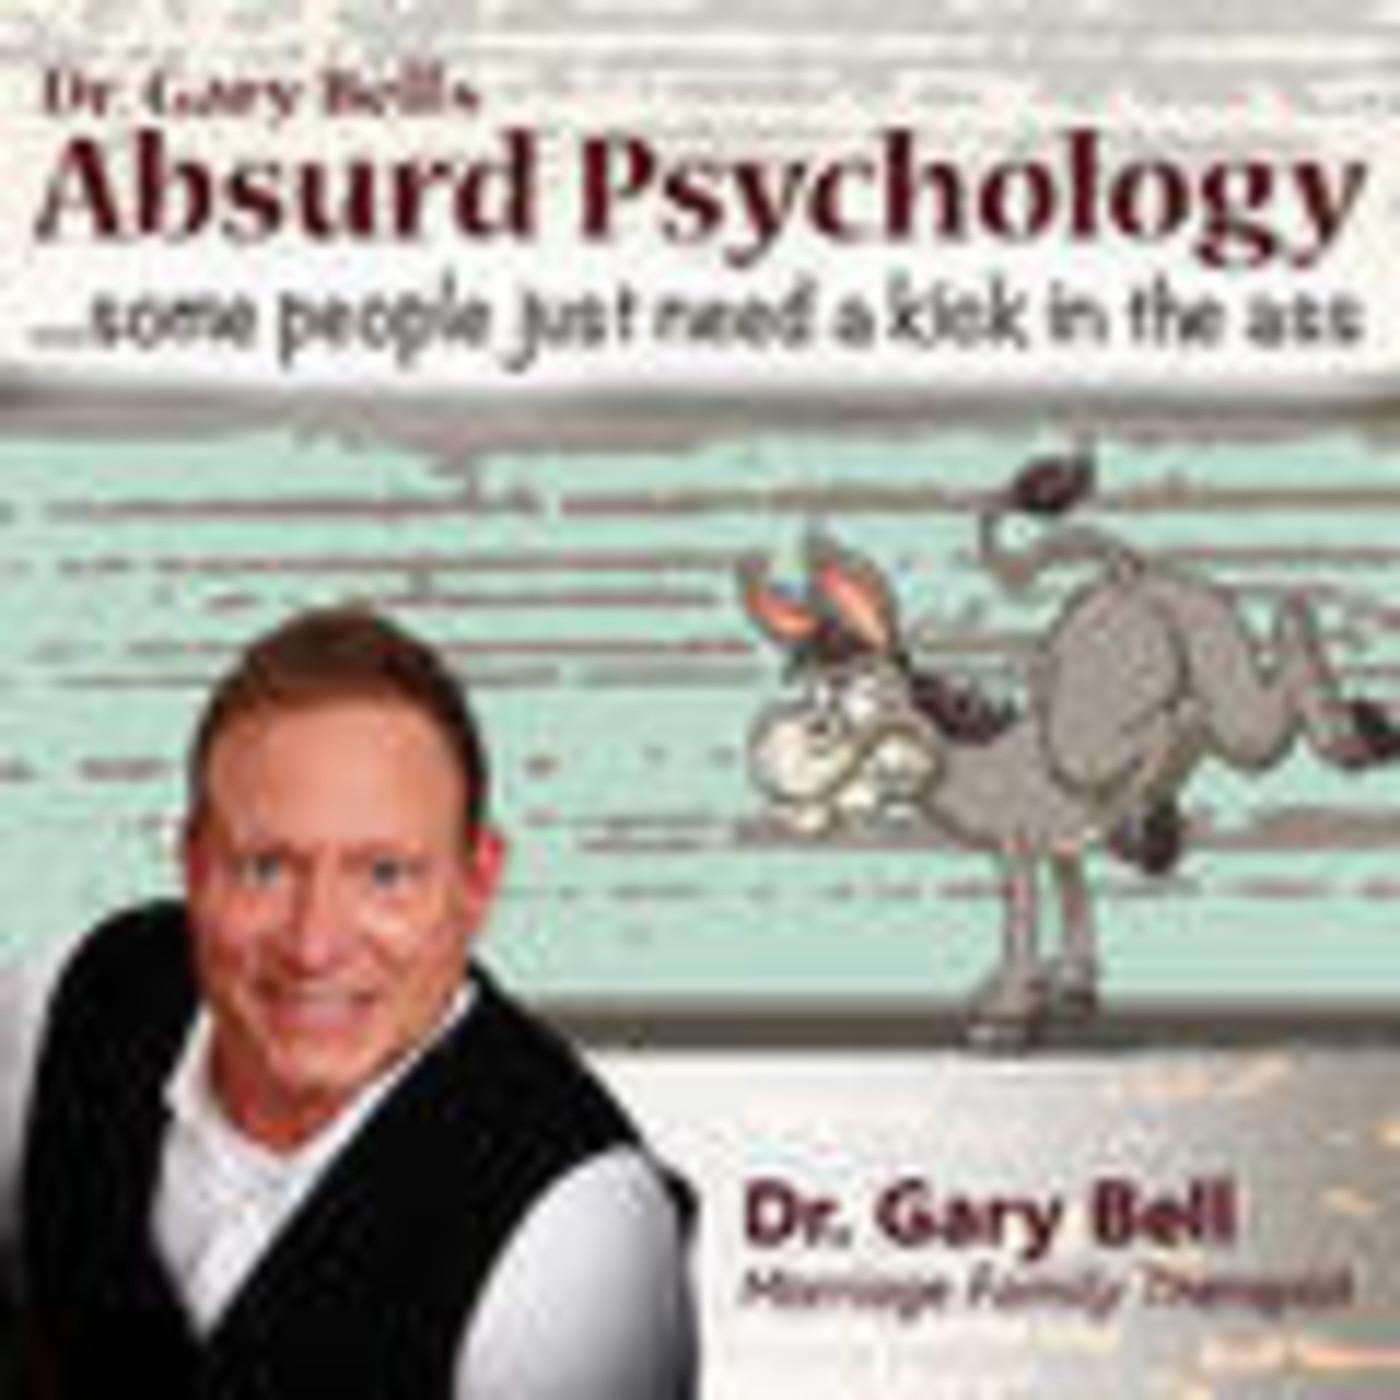 Dr. Gary Bell